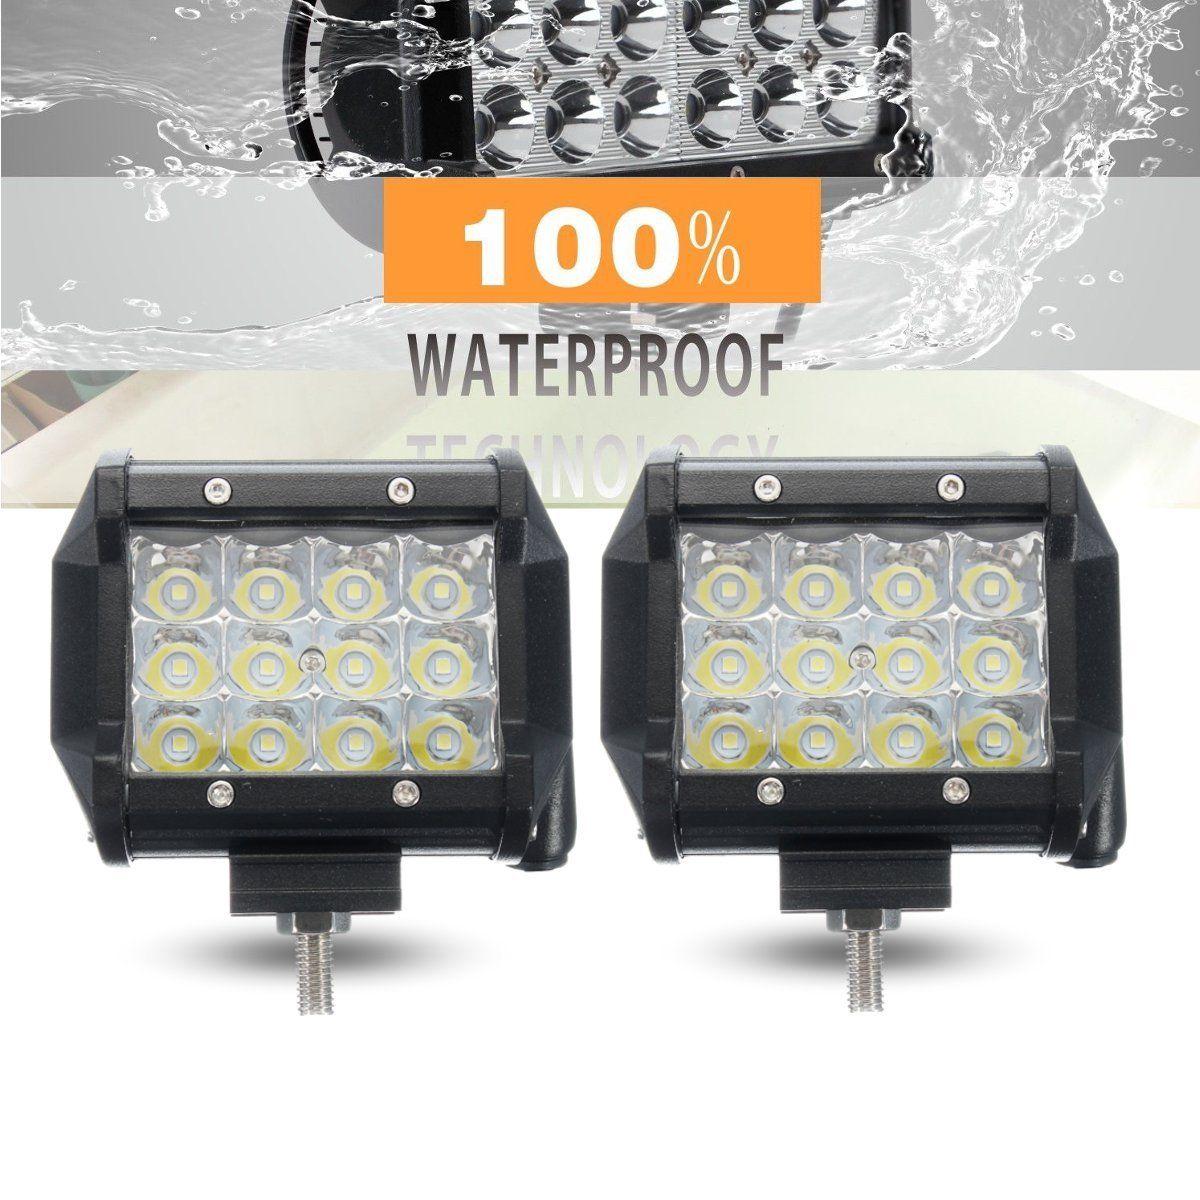 цена на IKVVT 2pcs 5inch 36W LED Car Work Light Bar Flood Beam Off Road SUV Fog Driving Lamp